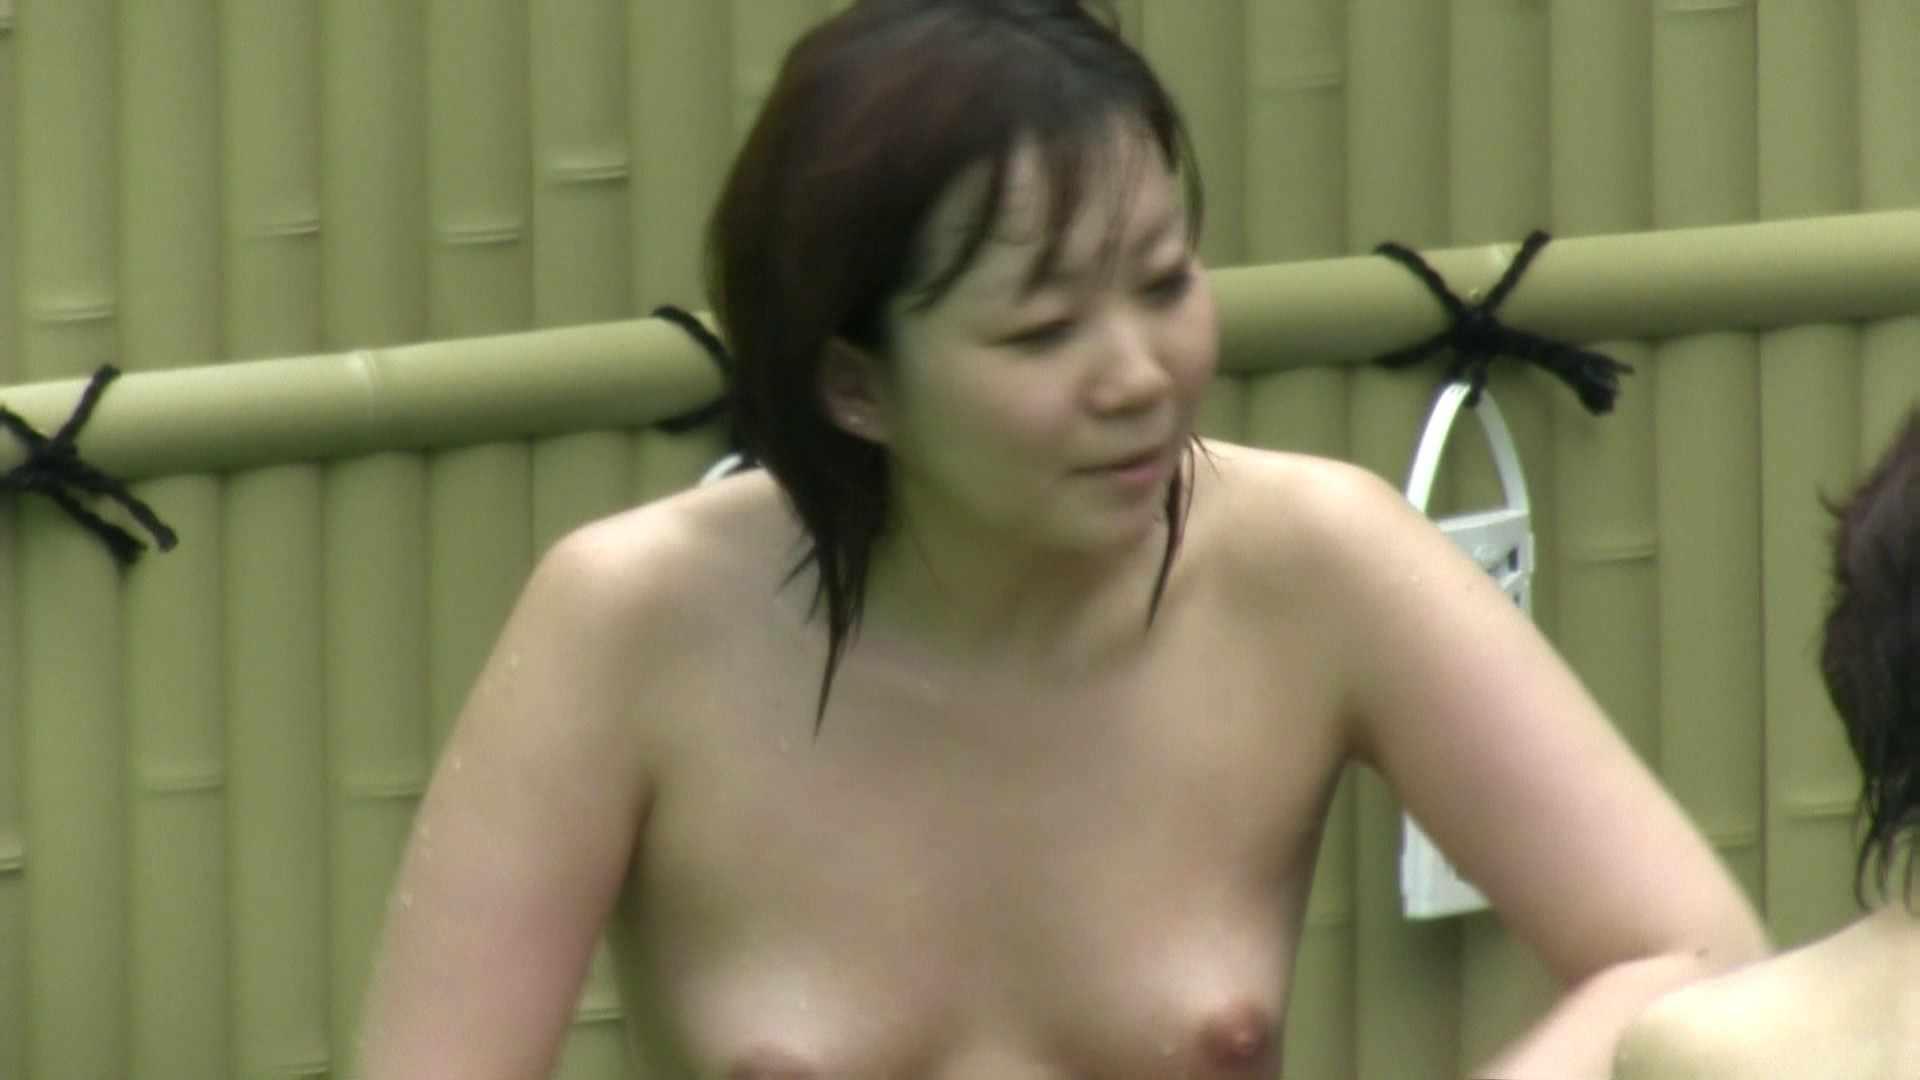 Aquaな露天風呂Vol.664 OLセックス 盗み撮りAV無料動画キャプチャ 72画像 65